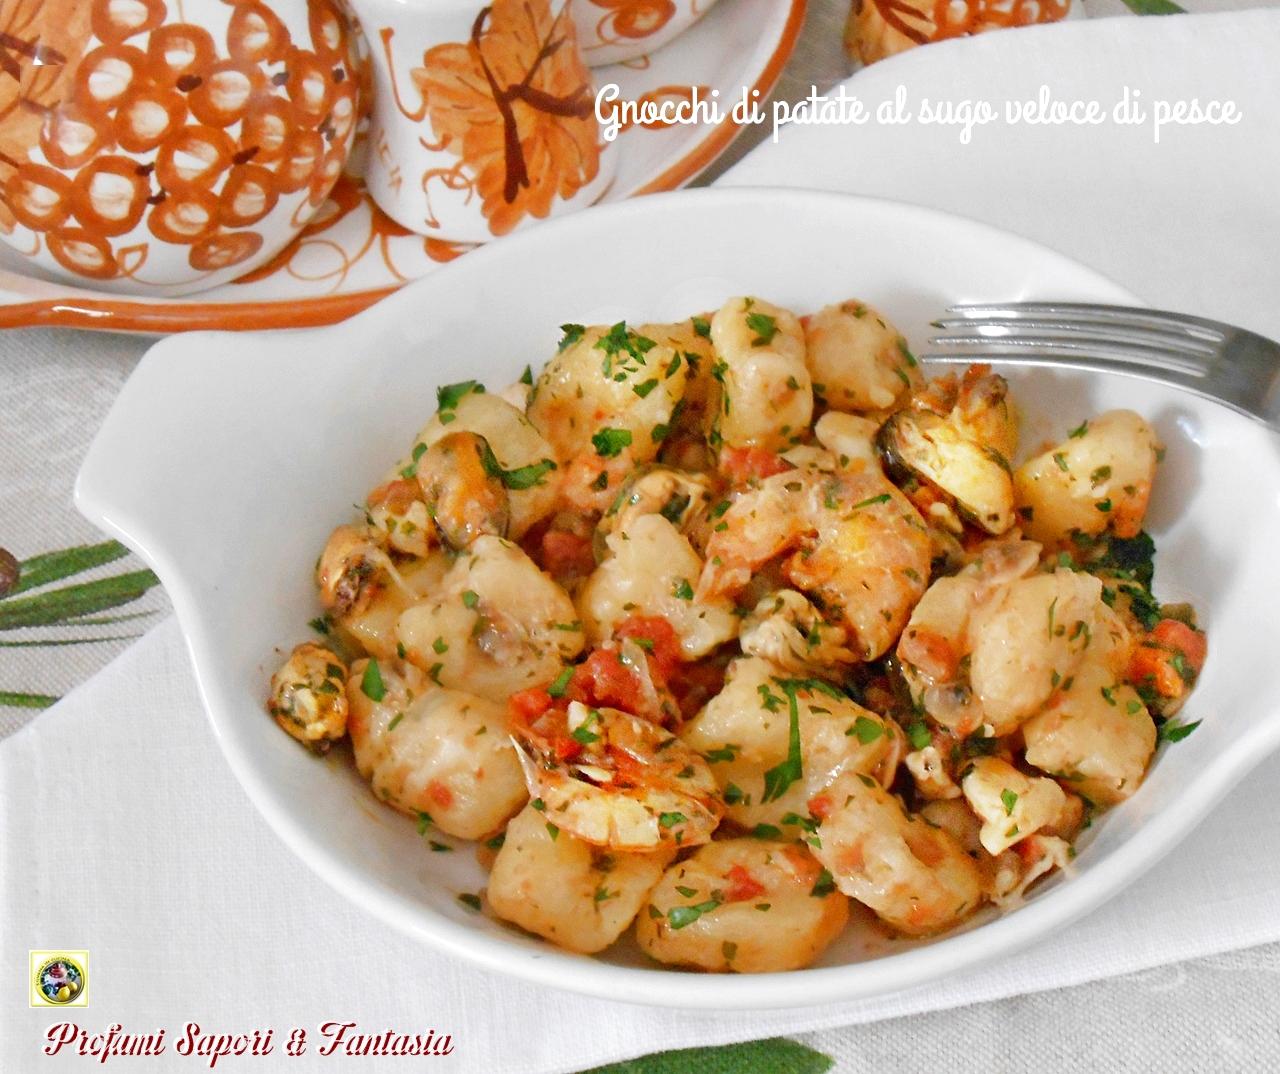 gnocchi di patate al sugo veloce di pesce - Come Cucinare Gli Gnocchi Di Patate